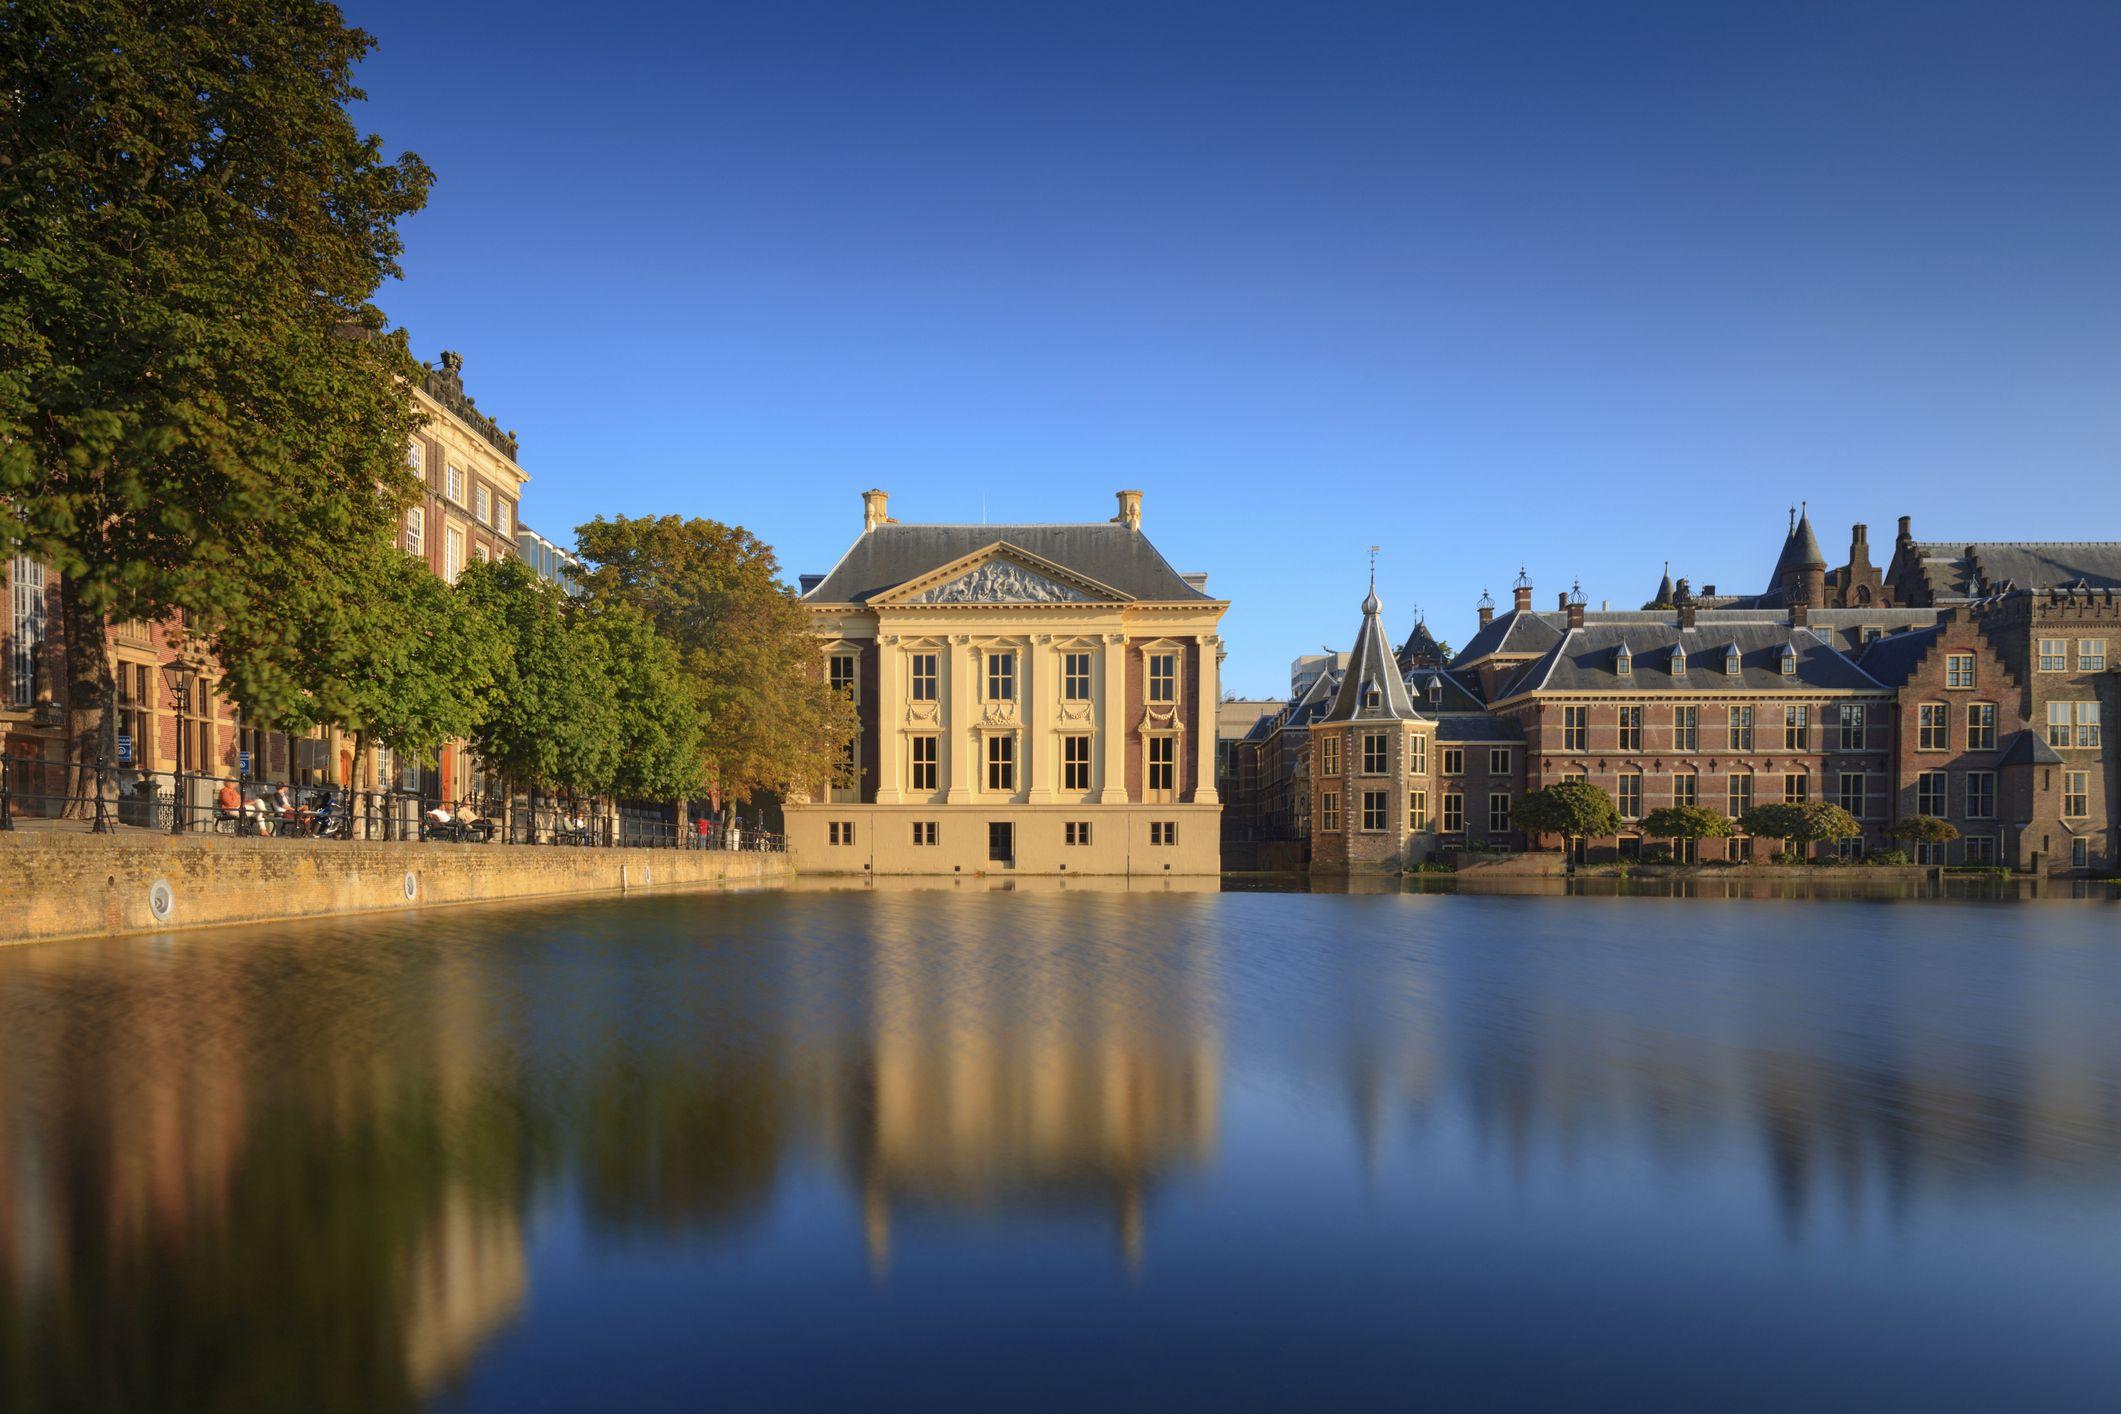 L'Aia è la meta più sottovalutata d'Olanda eppure la pinacoteca del Museo Mauritshuis è un gioiello inestimabile